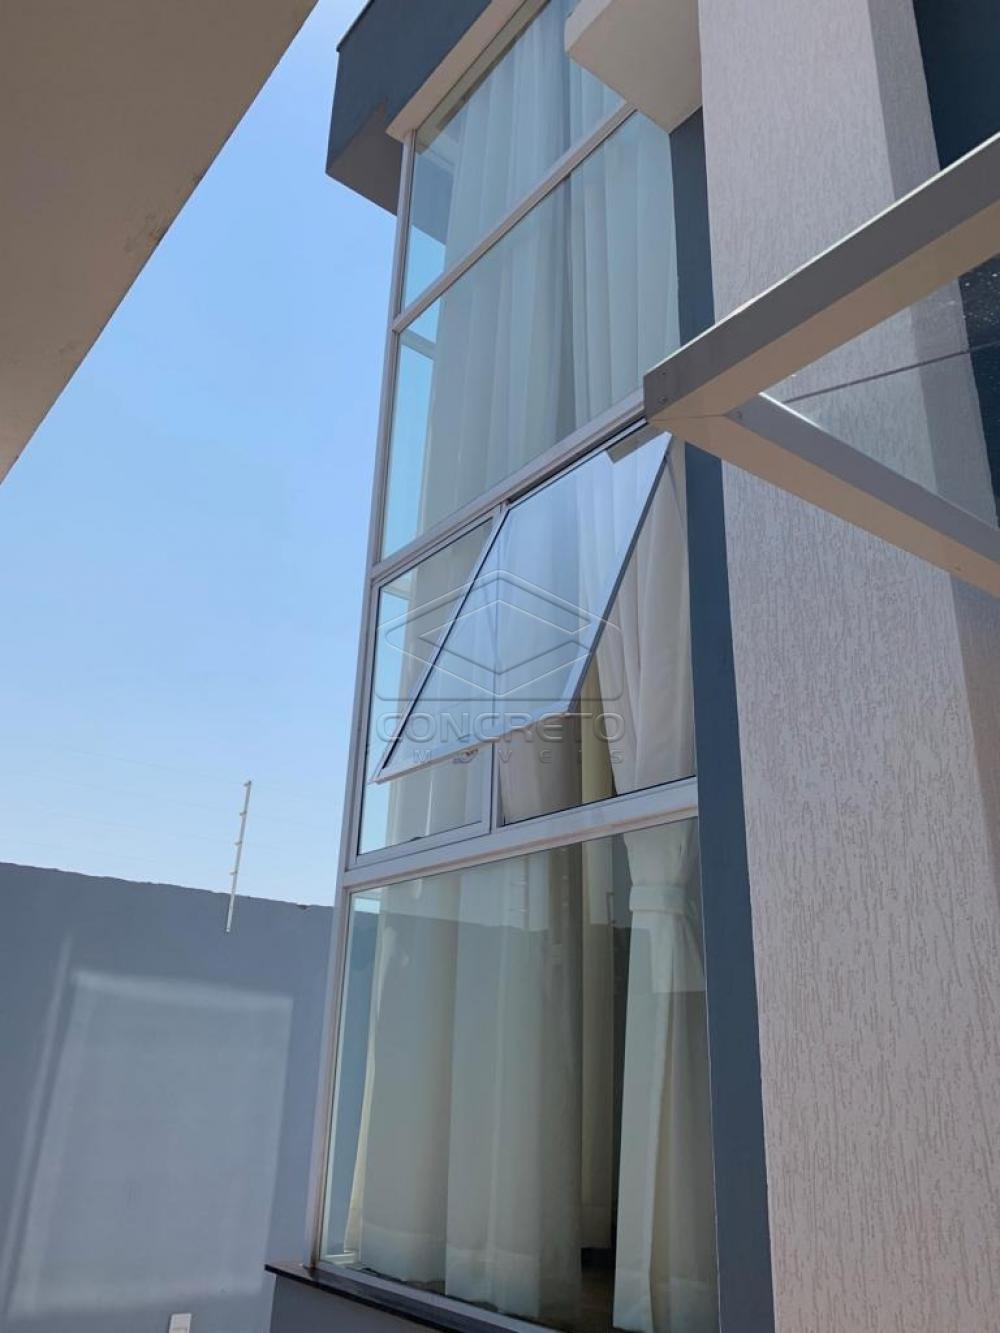 Comprar Casa / Padrão em Sao Manuel apenas R$ 650.000,00 - Foto 95